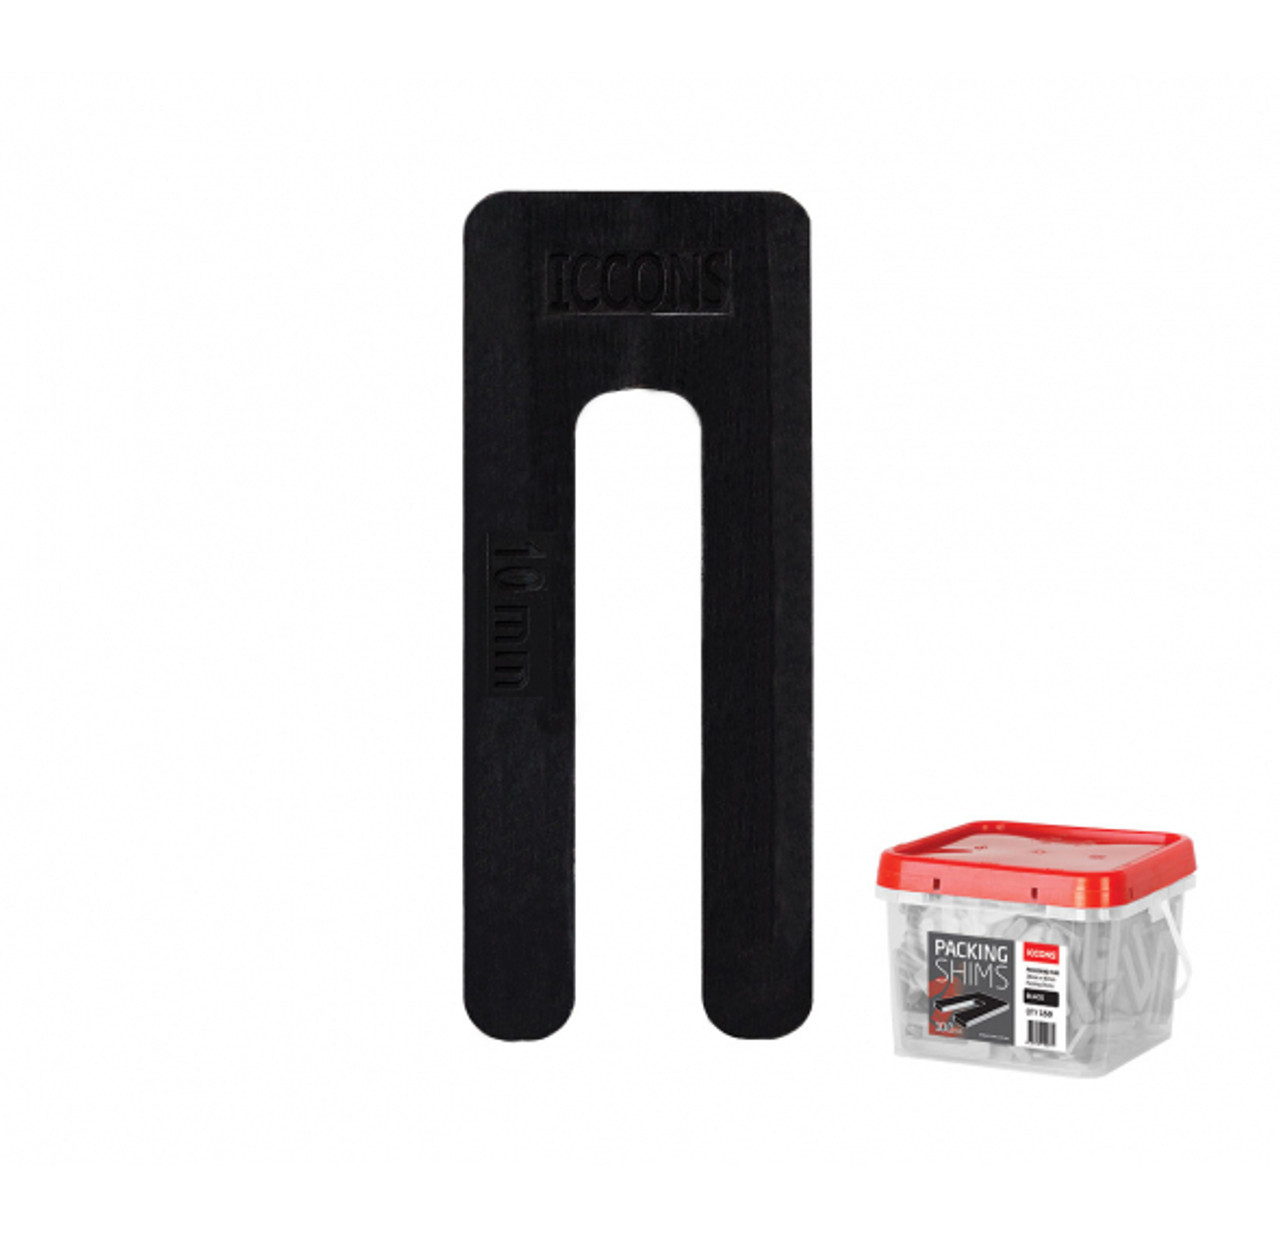 WINDOW PACKER - SHIM TUB ICCONS 1.5mm x 75M 800pce WHITE